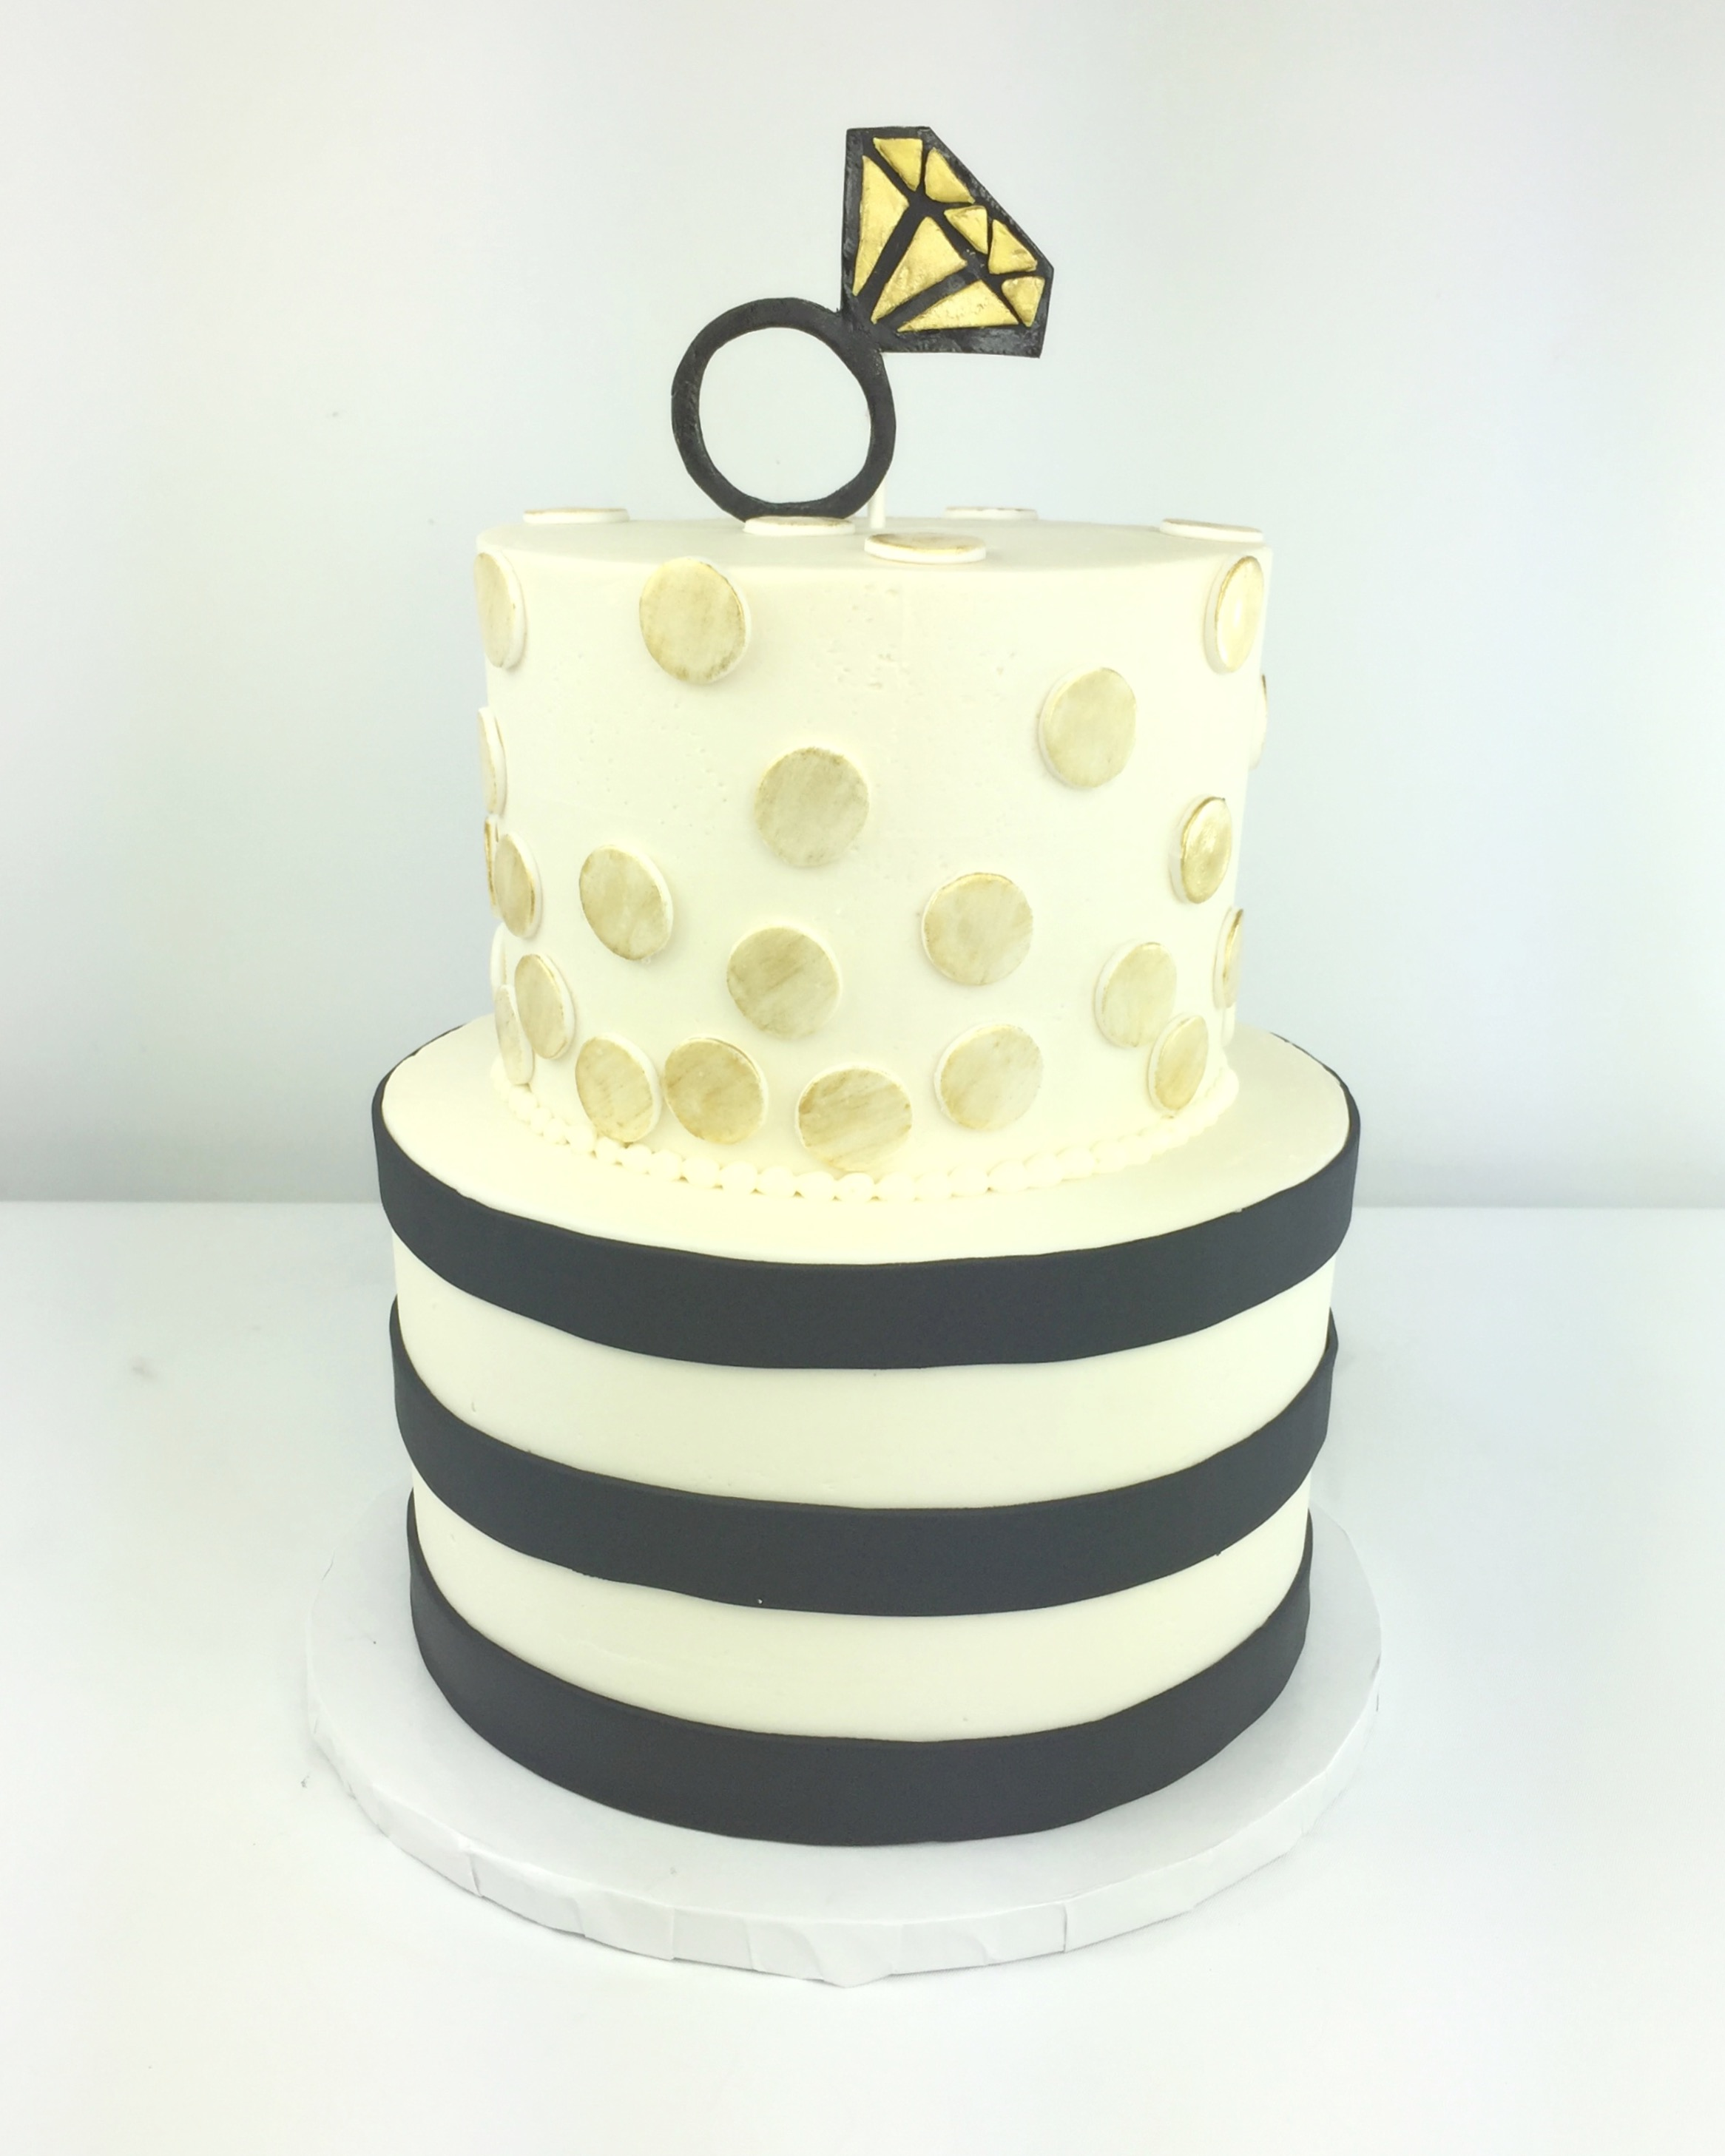 Best Birthday Cakes In Atlanta